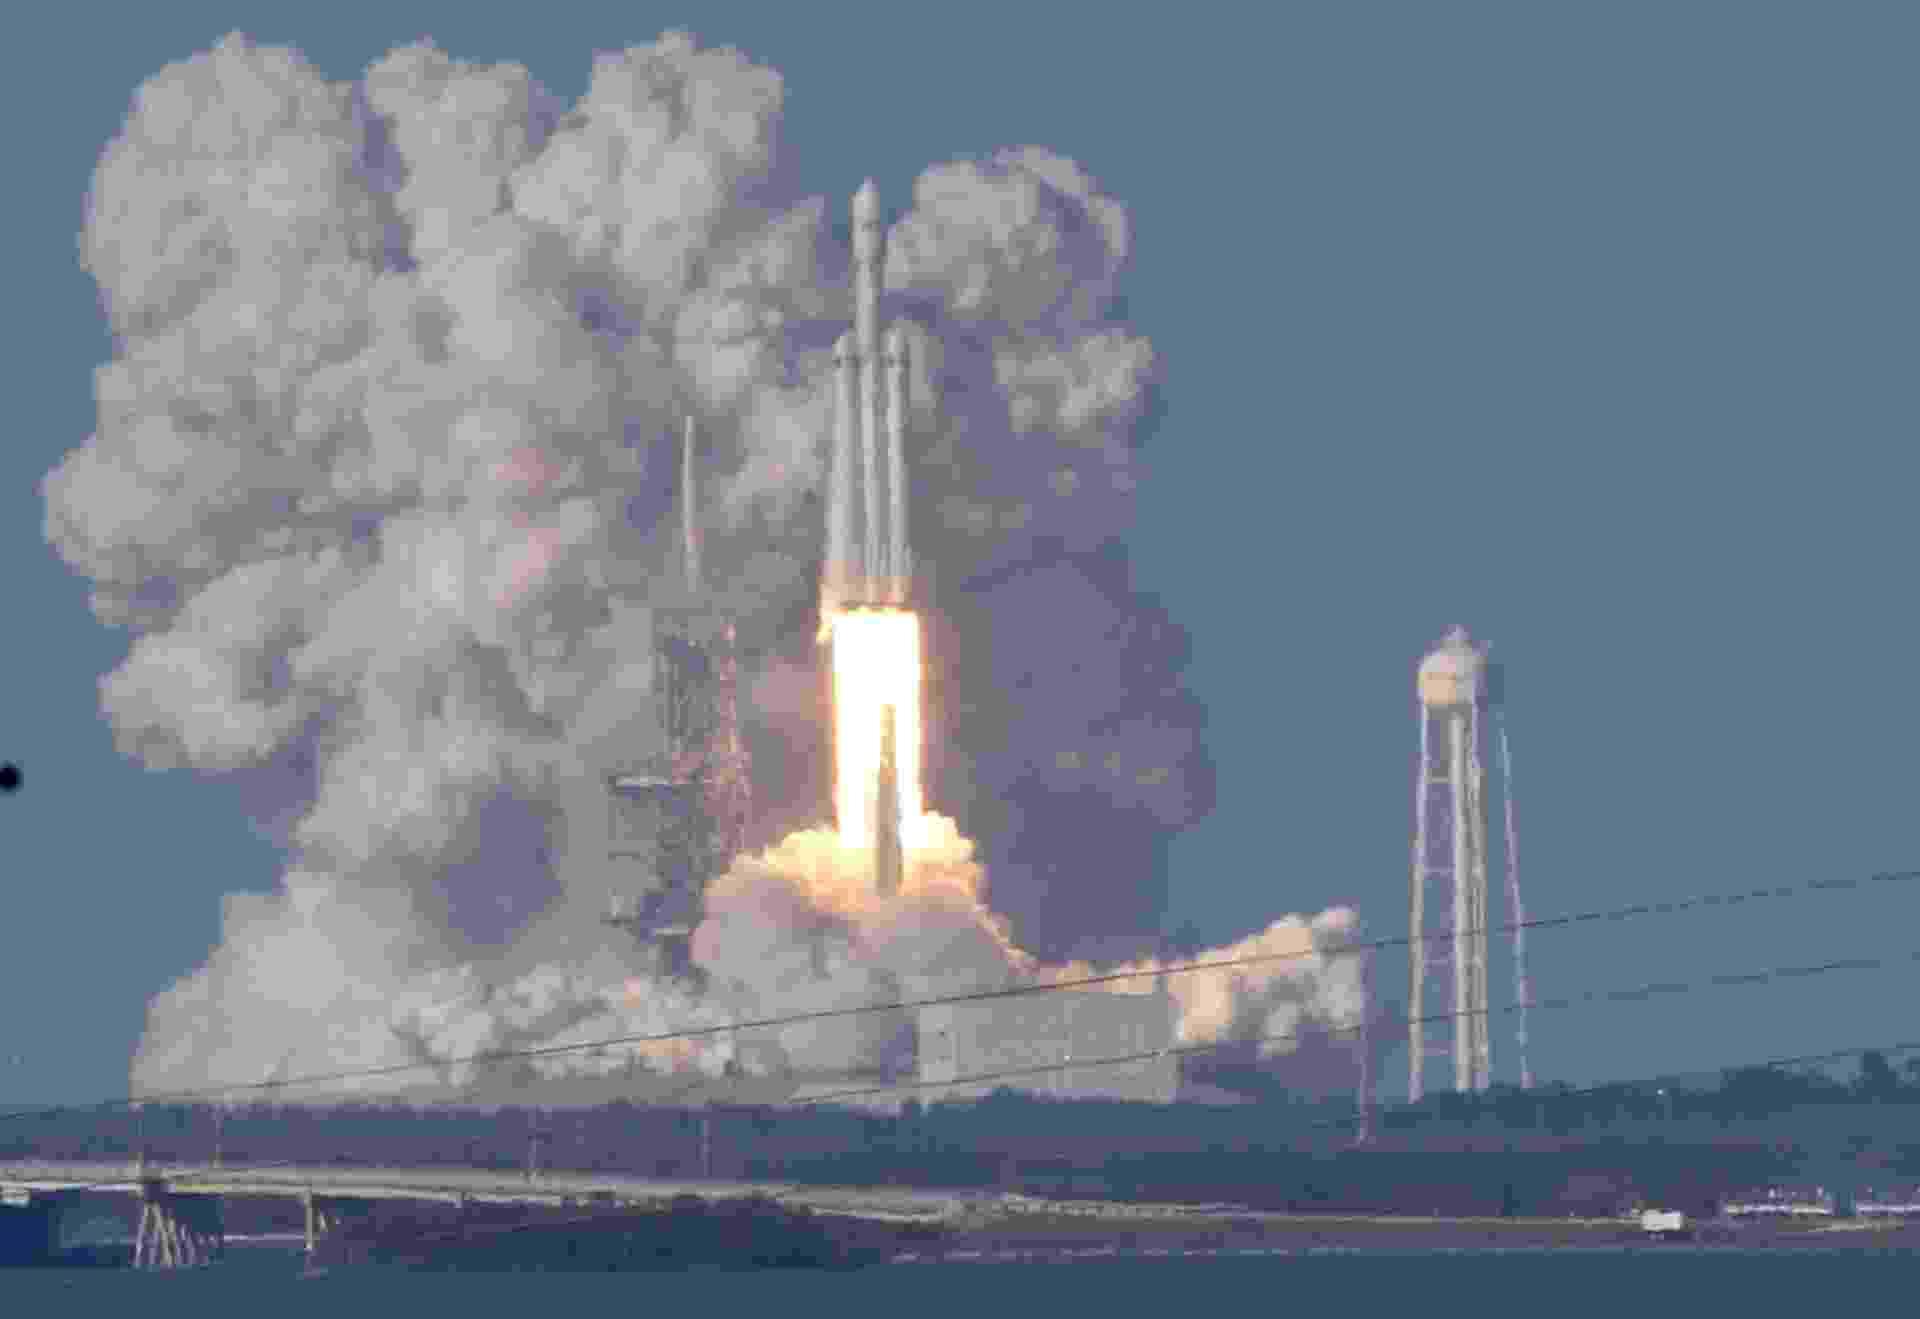 6.fev.2018 - Com um atraso de quatro anos, o gigantesco foguete Falcon Heavy, da empresa privada SpaceX, iniciou nesta sexta-feira (6) o seu primeiro voo sem nenhum tripulante, mas com a missão de levar ao espaço uma carga especial e bastante inusitada: um carro elétrico6.fev.2018 - Com um atraso de quatro anos, o gigantesco foguete Falcon Heavy, da empresa privada SpaceX, iniciou nesta sexta-feira (6) o seu primeiro voo sem nenhum tripulante, mas com a missão de levar ao espaço uma carga especial e bastante inusitada: um carro elétrico - Thom Baurs/Reuters